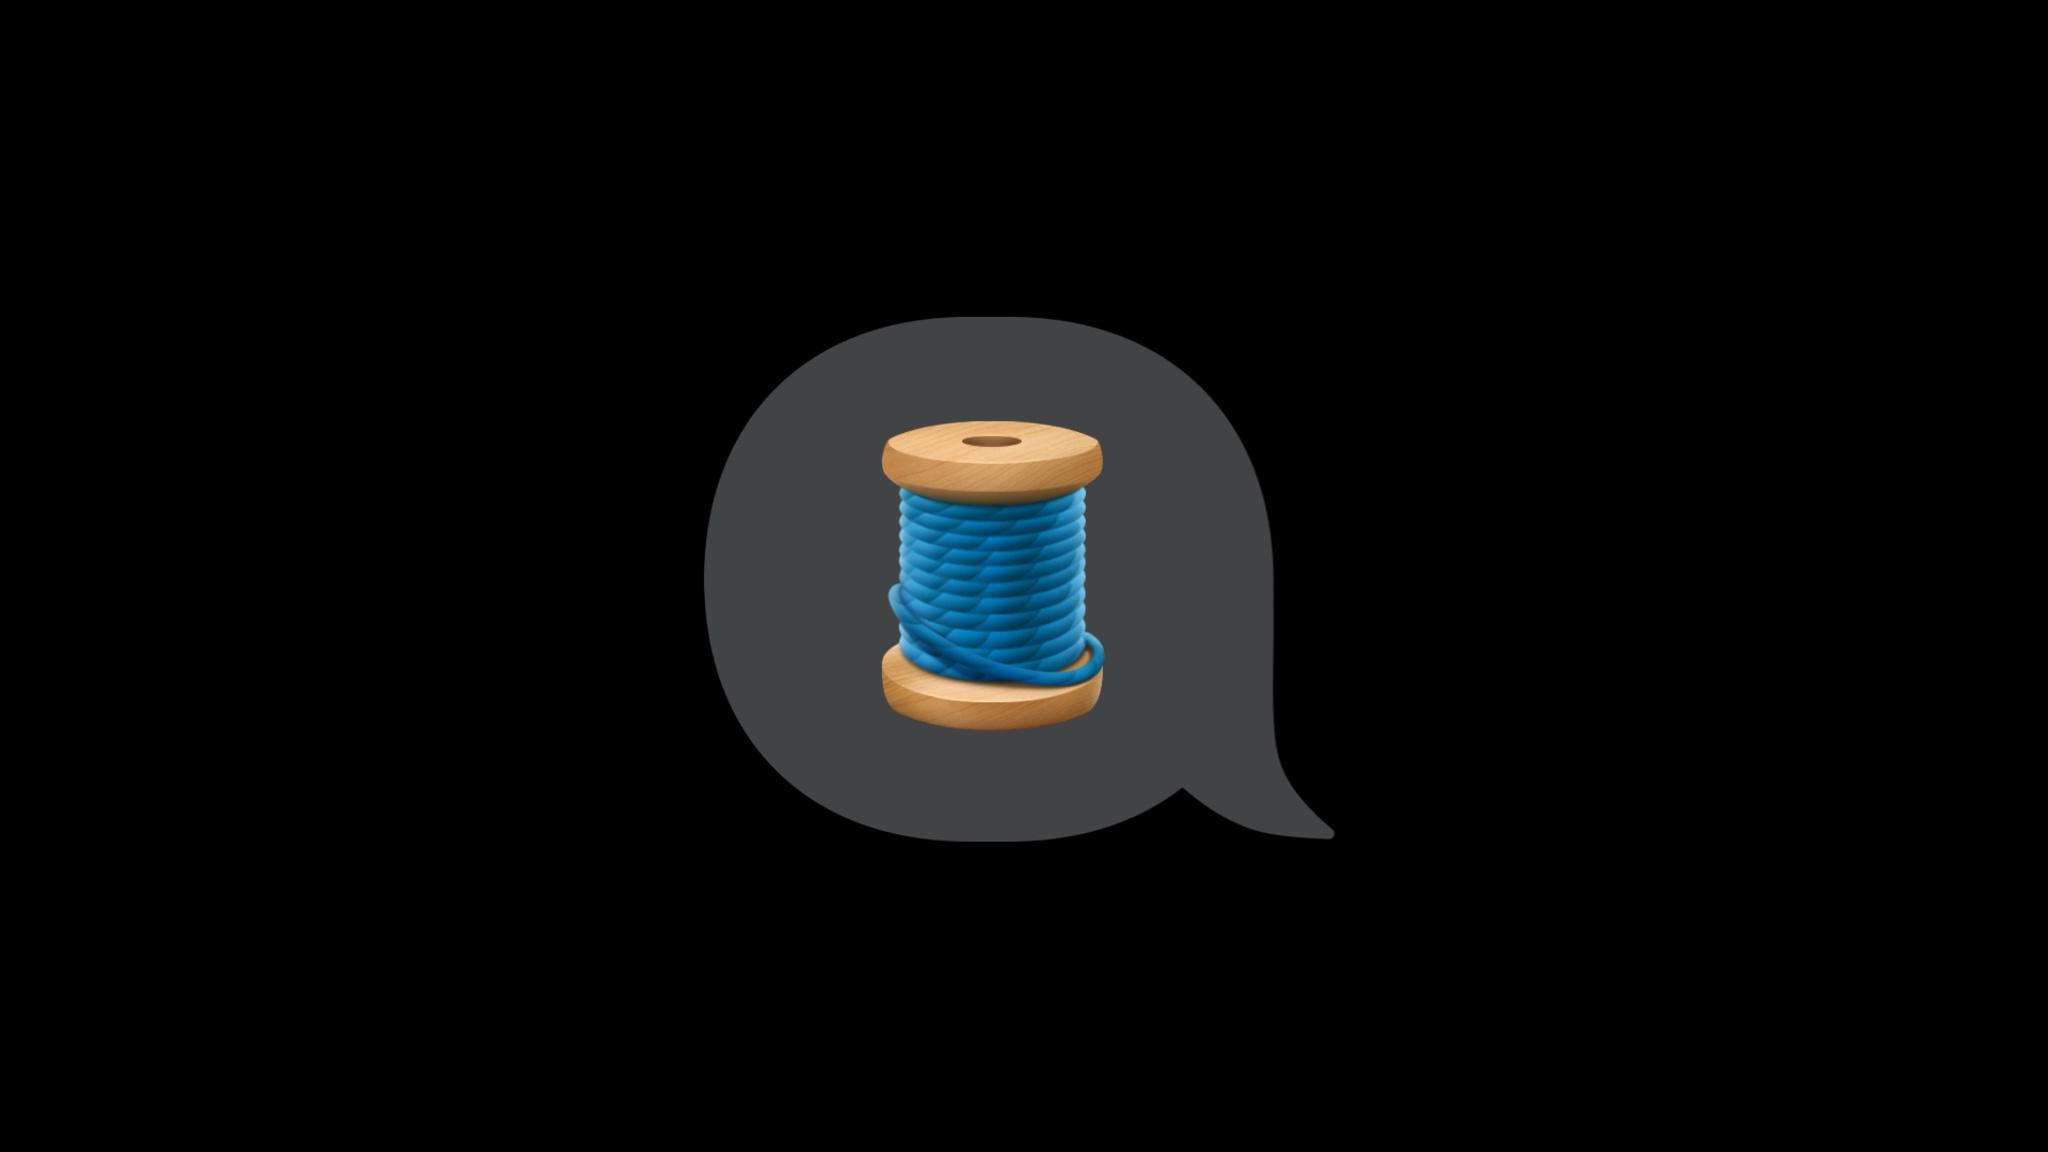 Spool of thread emoji  inside of a speech bubble.